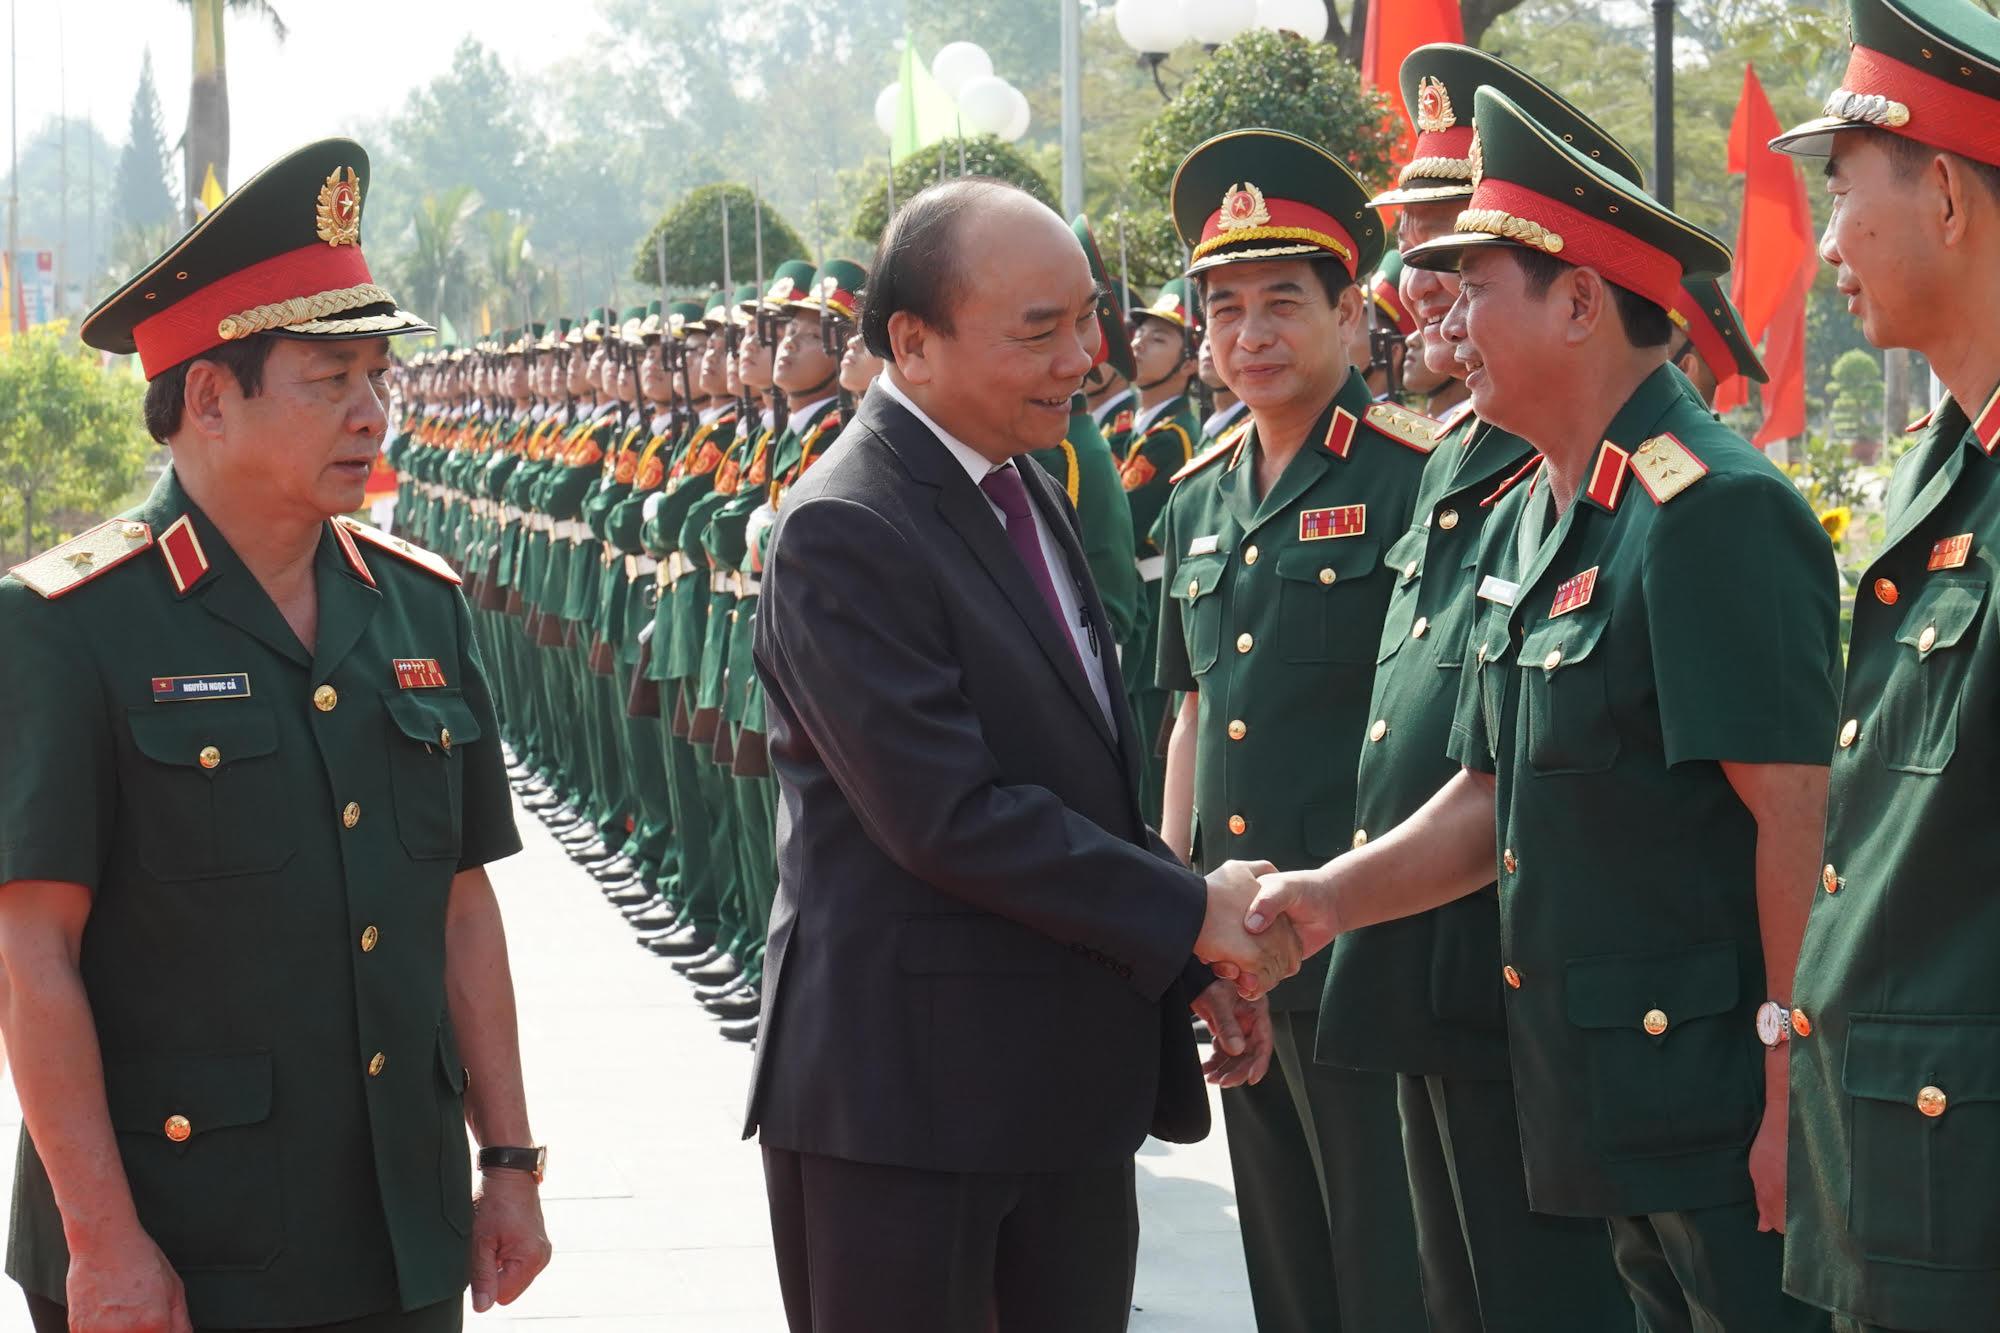 Thủ tướng yêu cầu Trường Sĩ quan Lục quân 2 nâng cao hơn nữa chất lượng đào tạo, gắn kết giữa học và hành